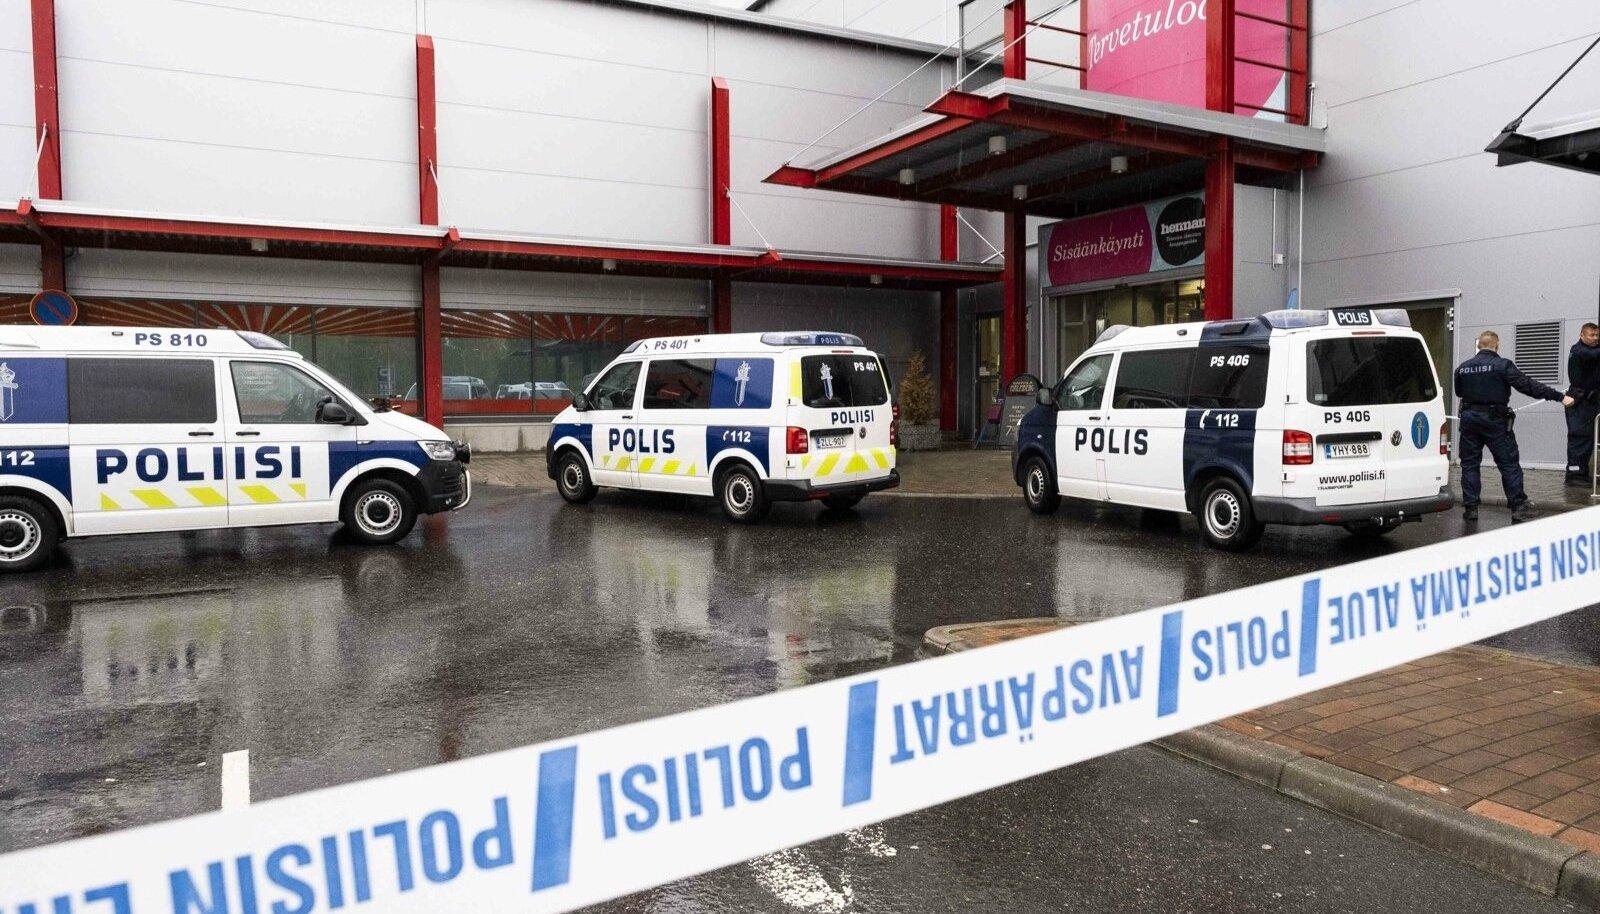 Politsei rünnaku sündmuspaigas Kuopios Hermani kaubanduskeskuse juures.